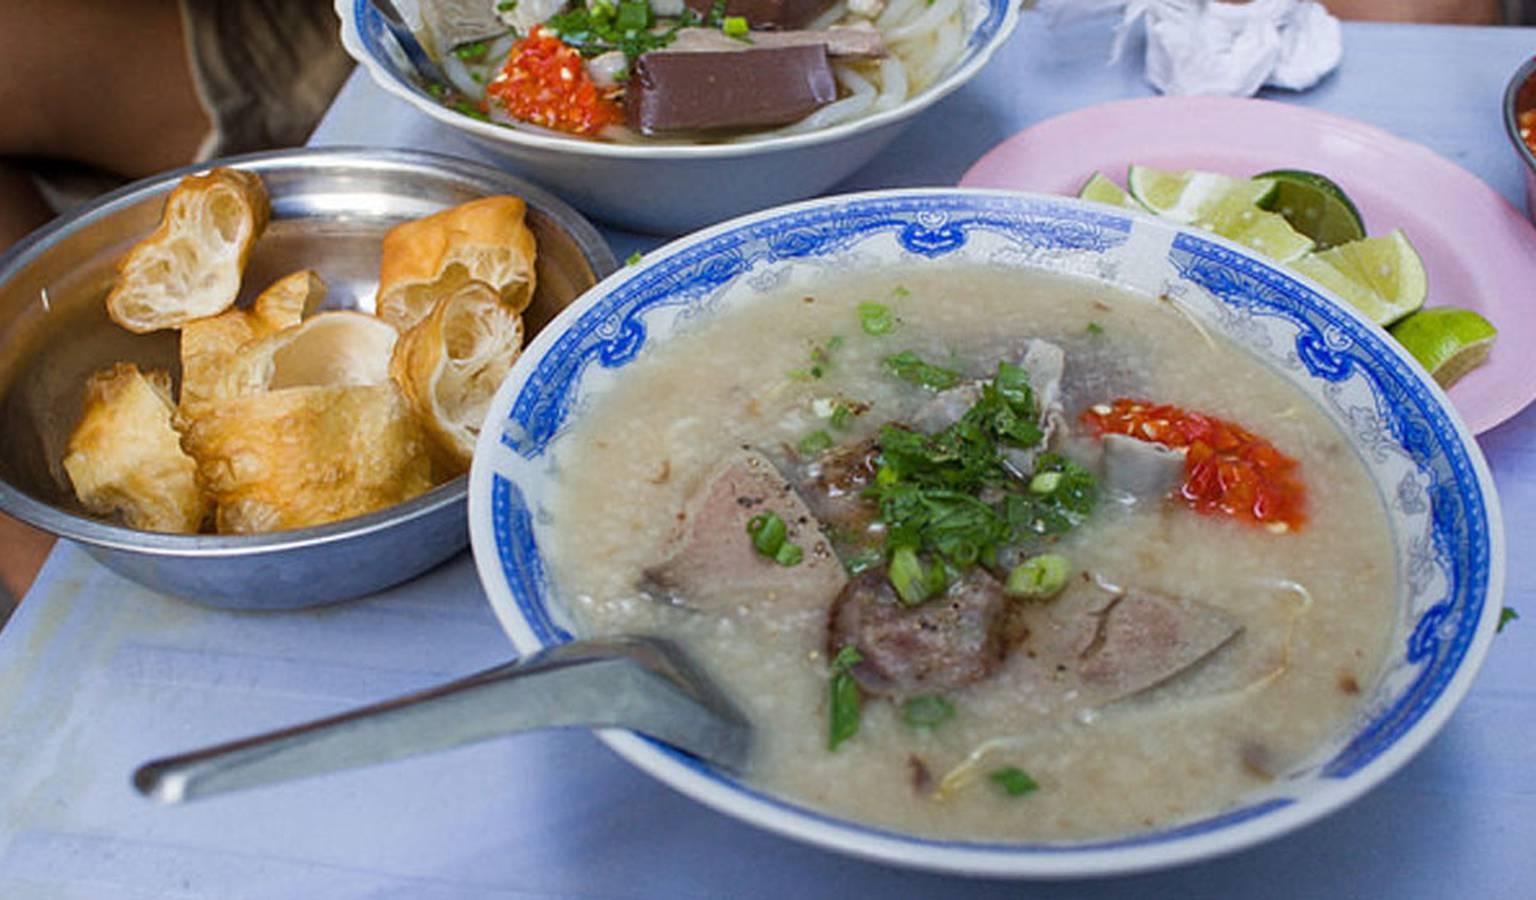 Một địa điểm ăn sáng ngon Đà Lạt tại quán cháo lòng lâu năm Bà Mén